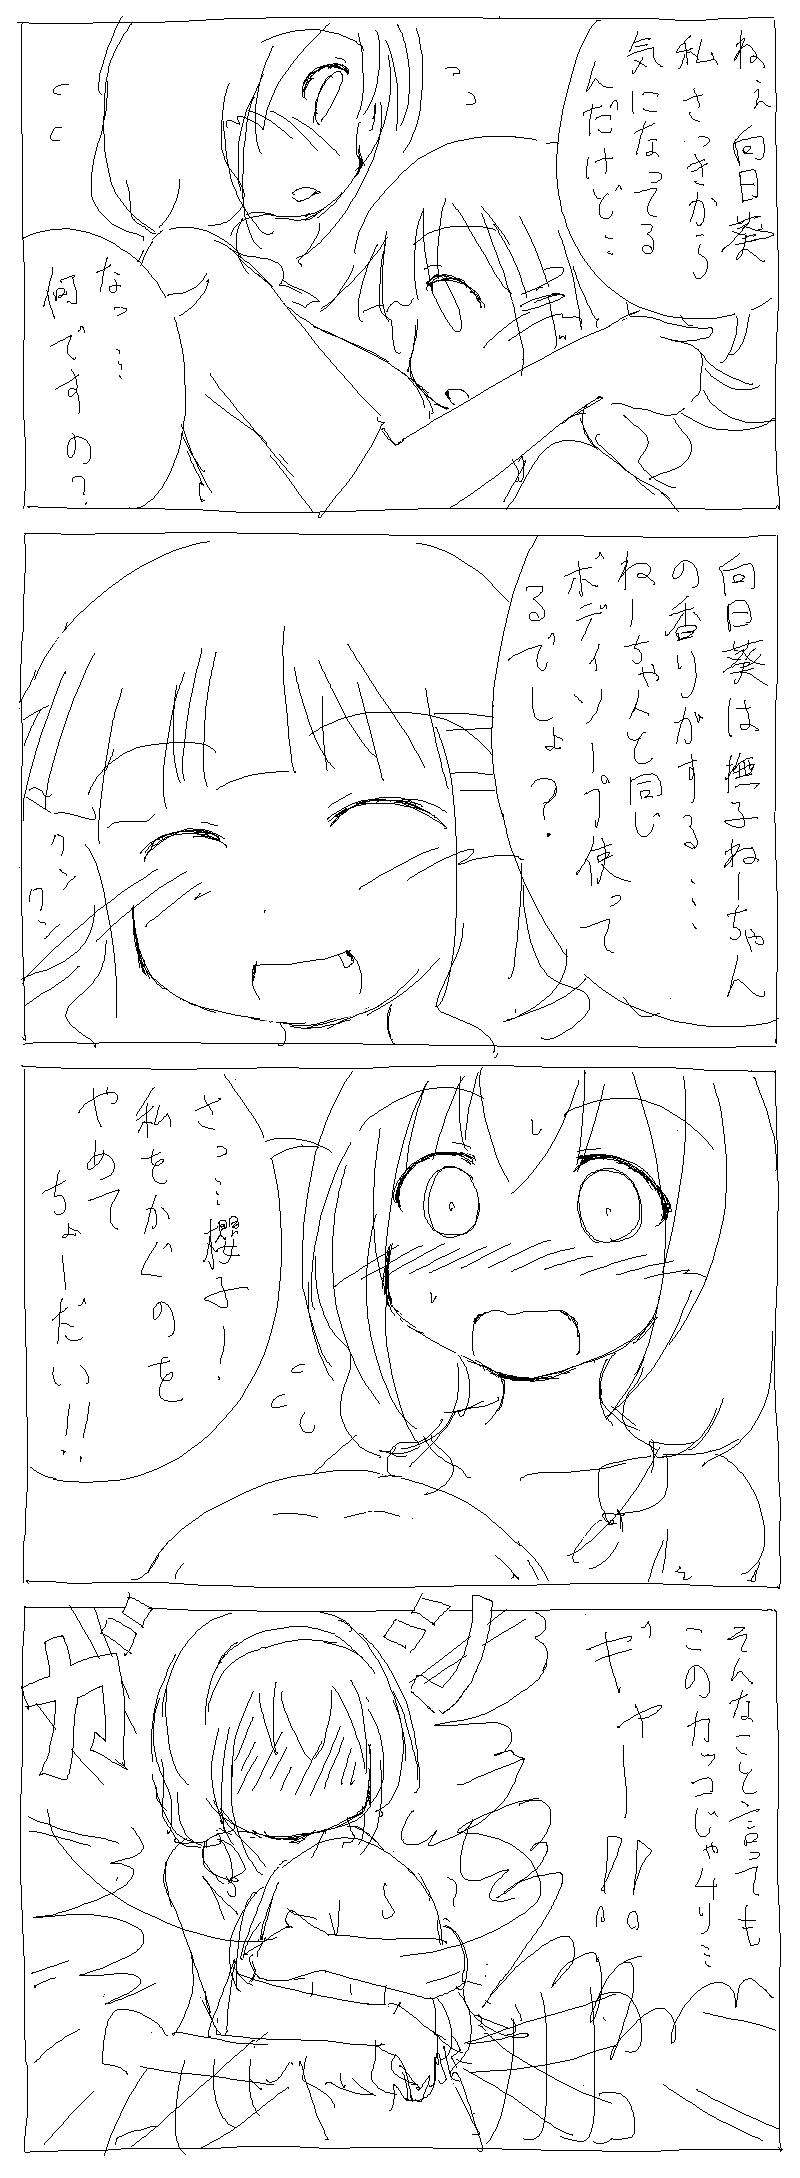 http://blueandgreen.jp/images/himasaku_22.png